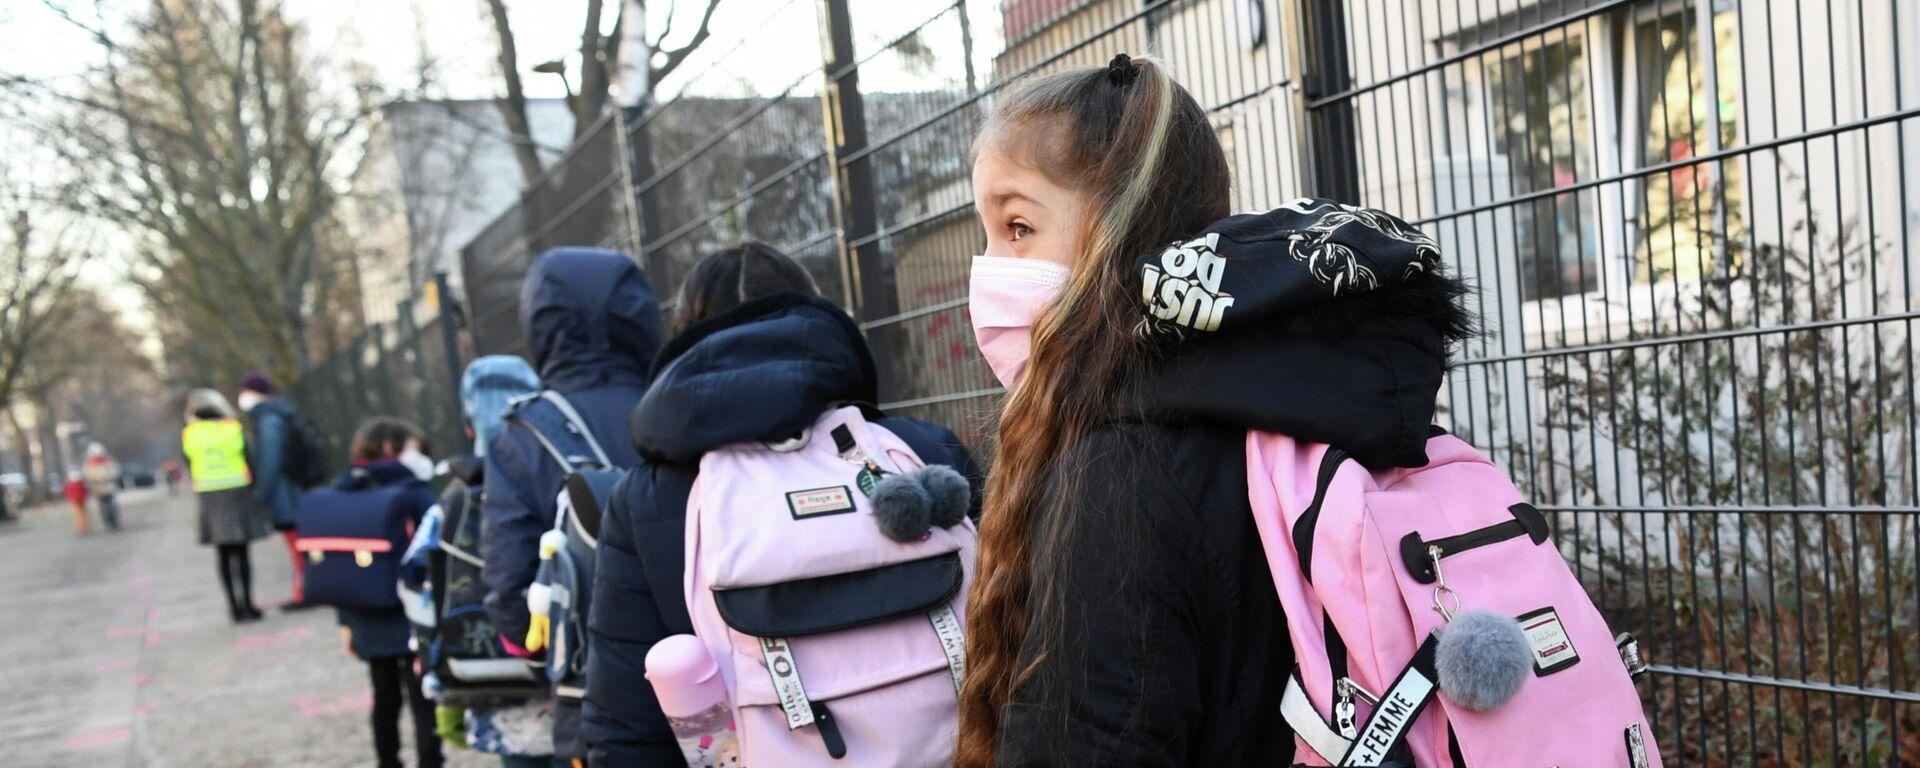 Kinder vor einer Berliner Grundschule, 22. Februar 2021 - SNA, 1920, 22.02.2021